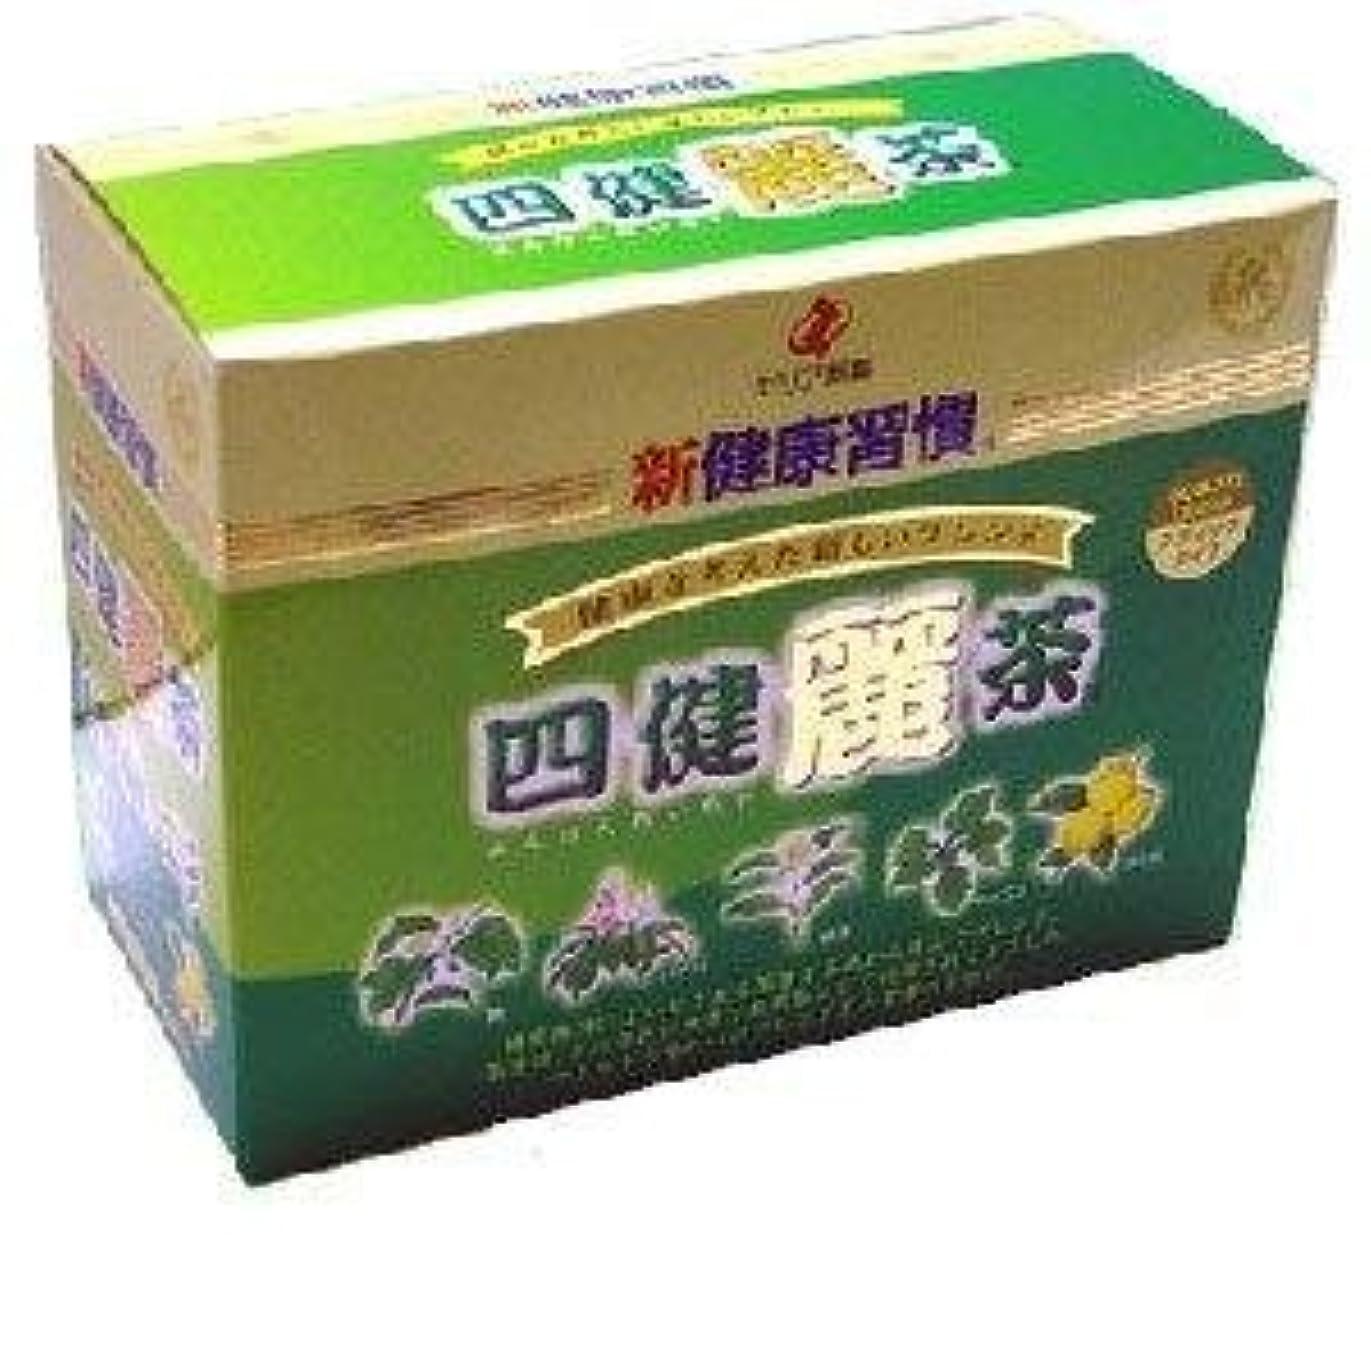 パン屋例示する旋回新健康習慣 四健麗茶 60袋 4個